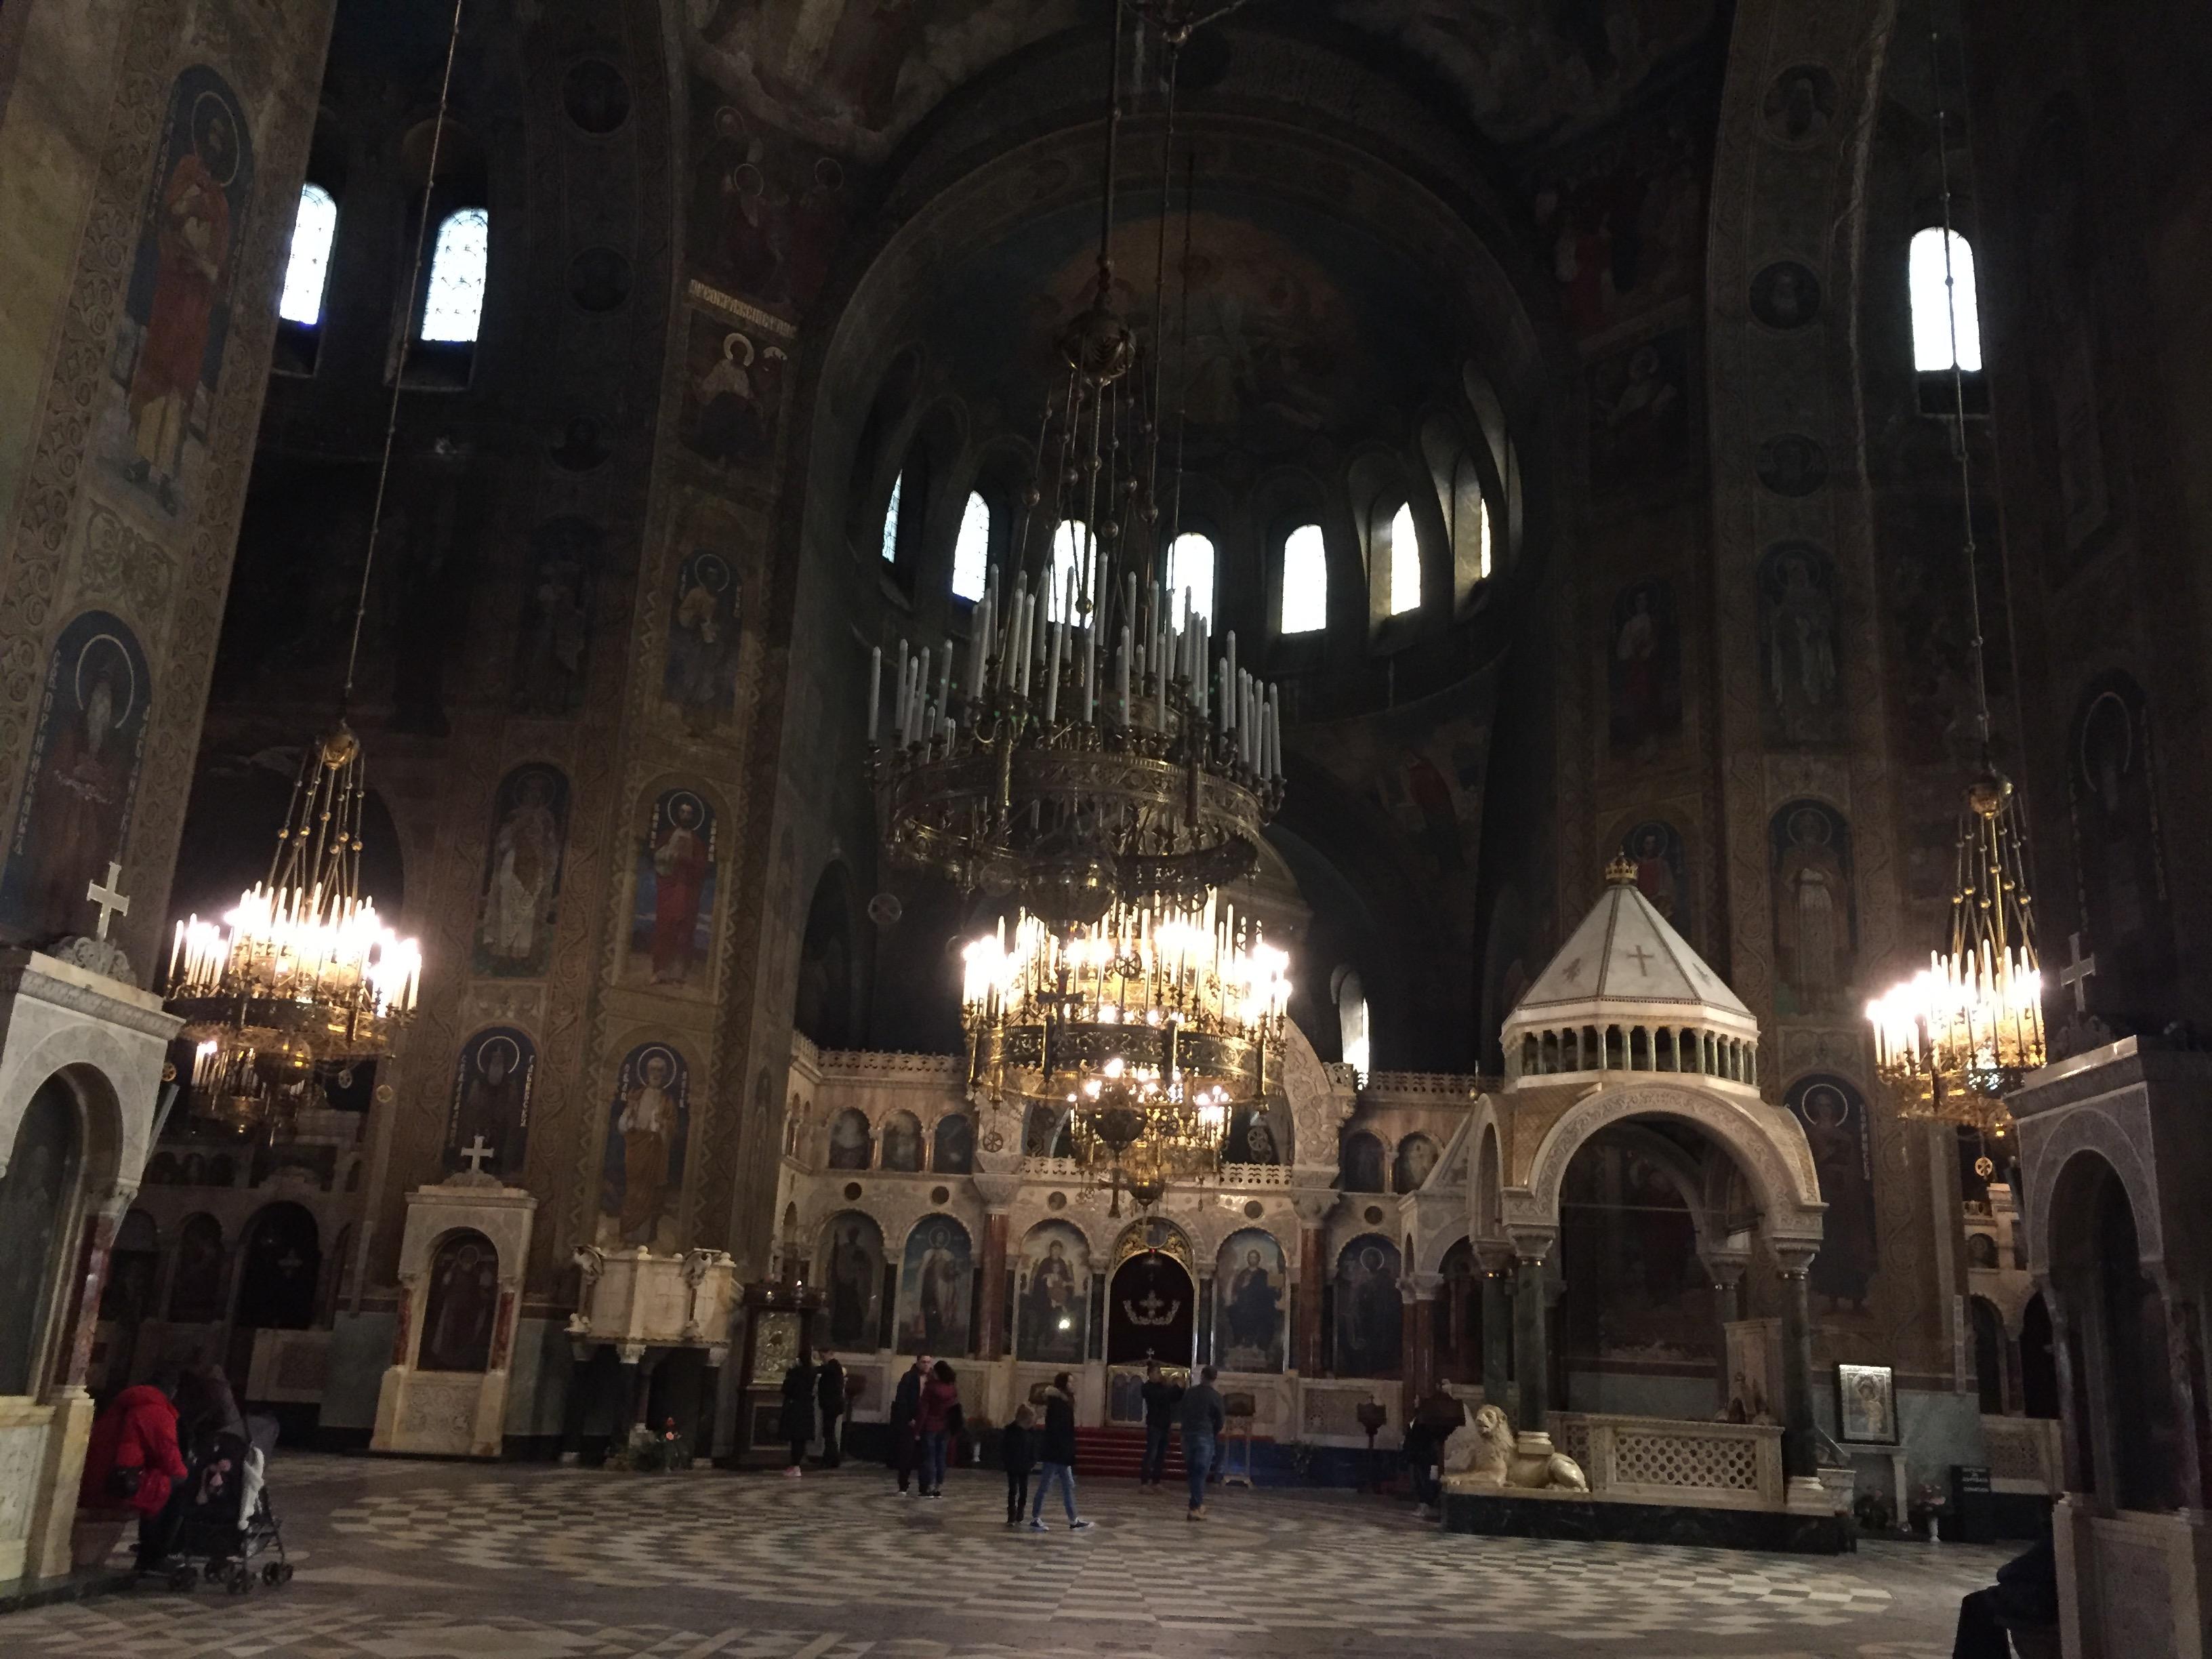 アレクサンドル・ネフスキー大聖堂の中